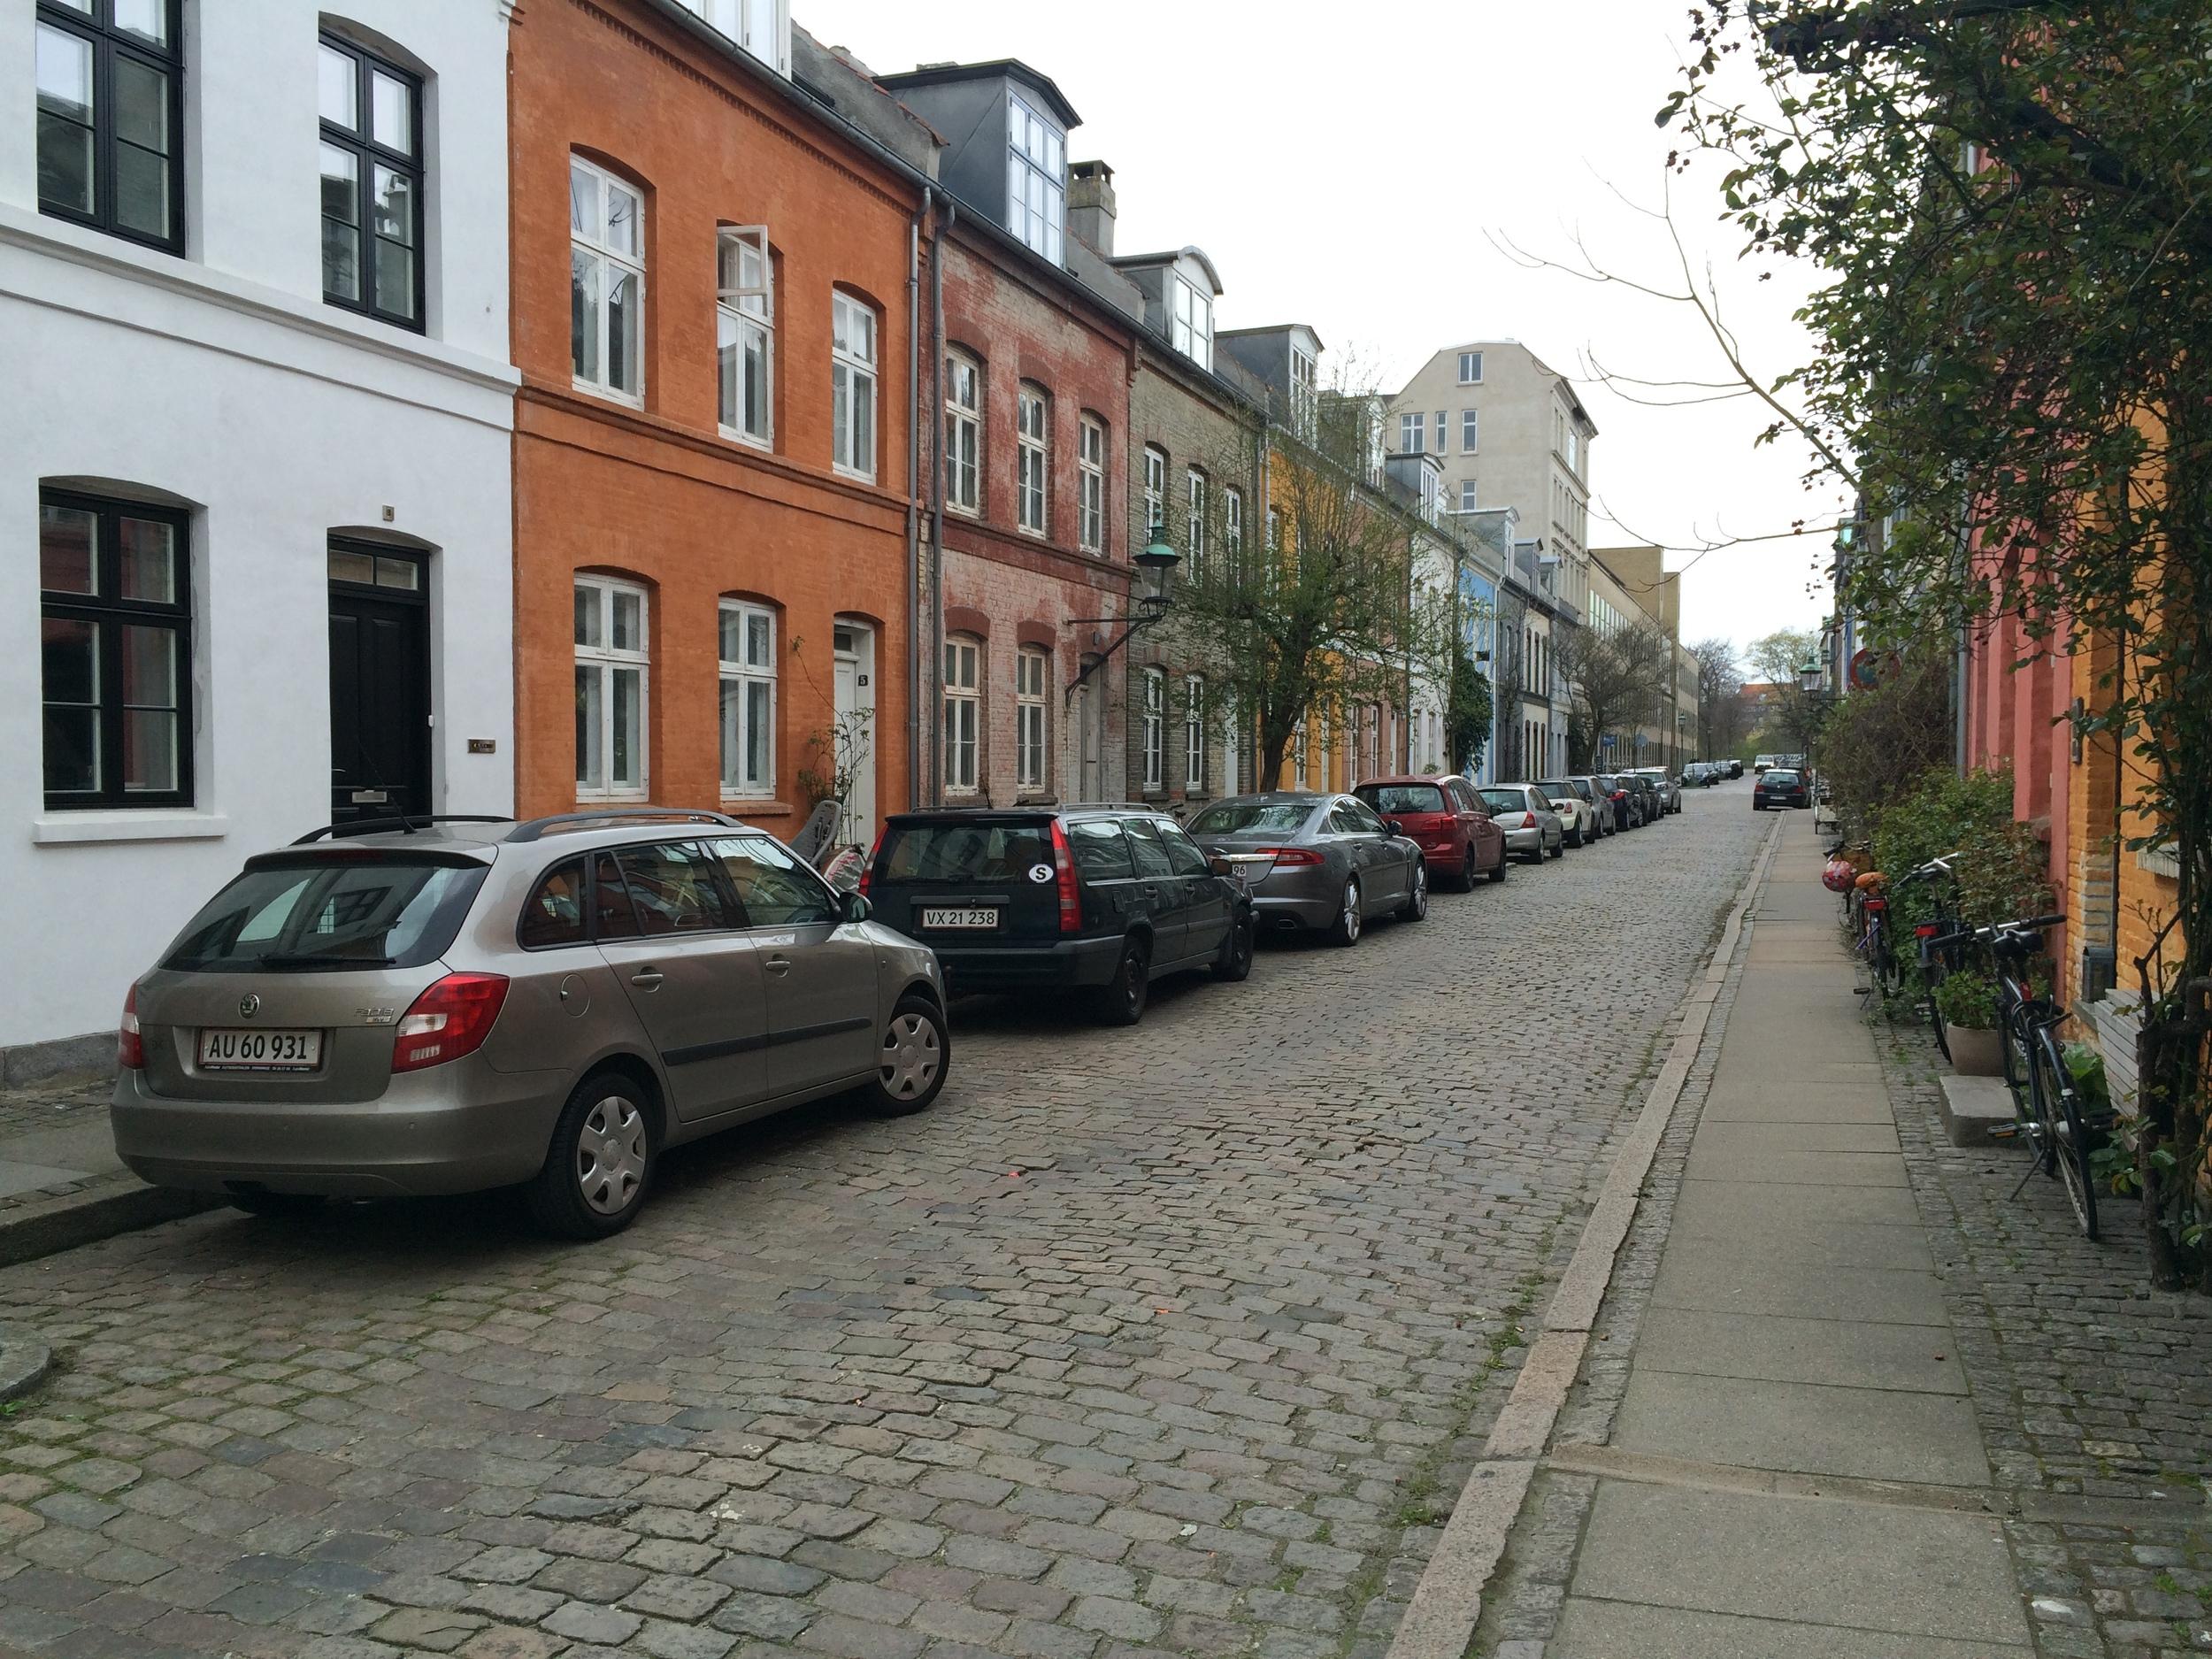 Copenhagen city residential street